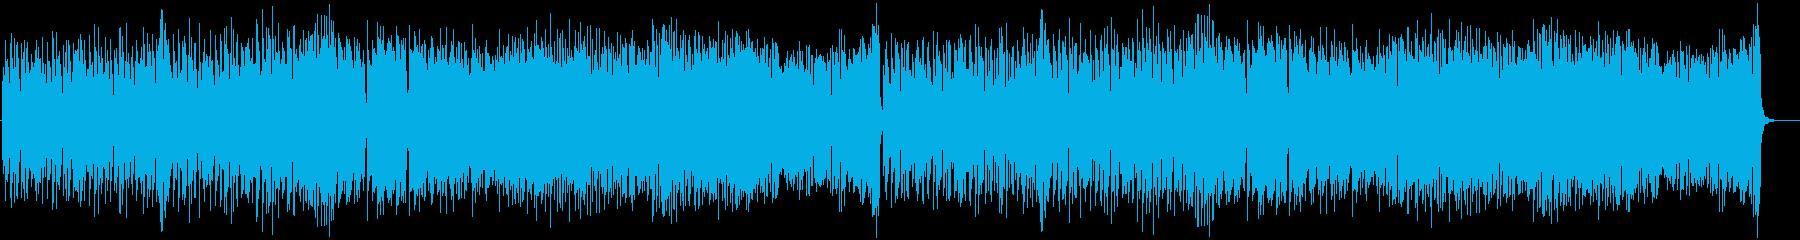 陽気なトロピカルBGMの再生済みの波形